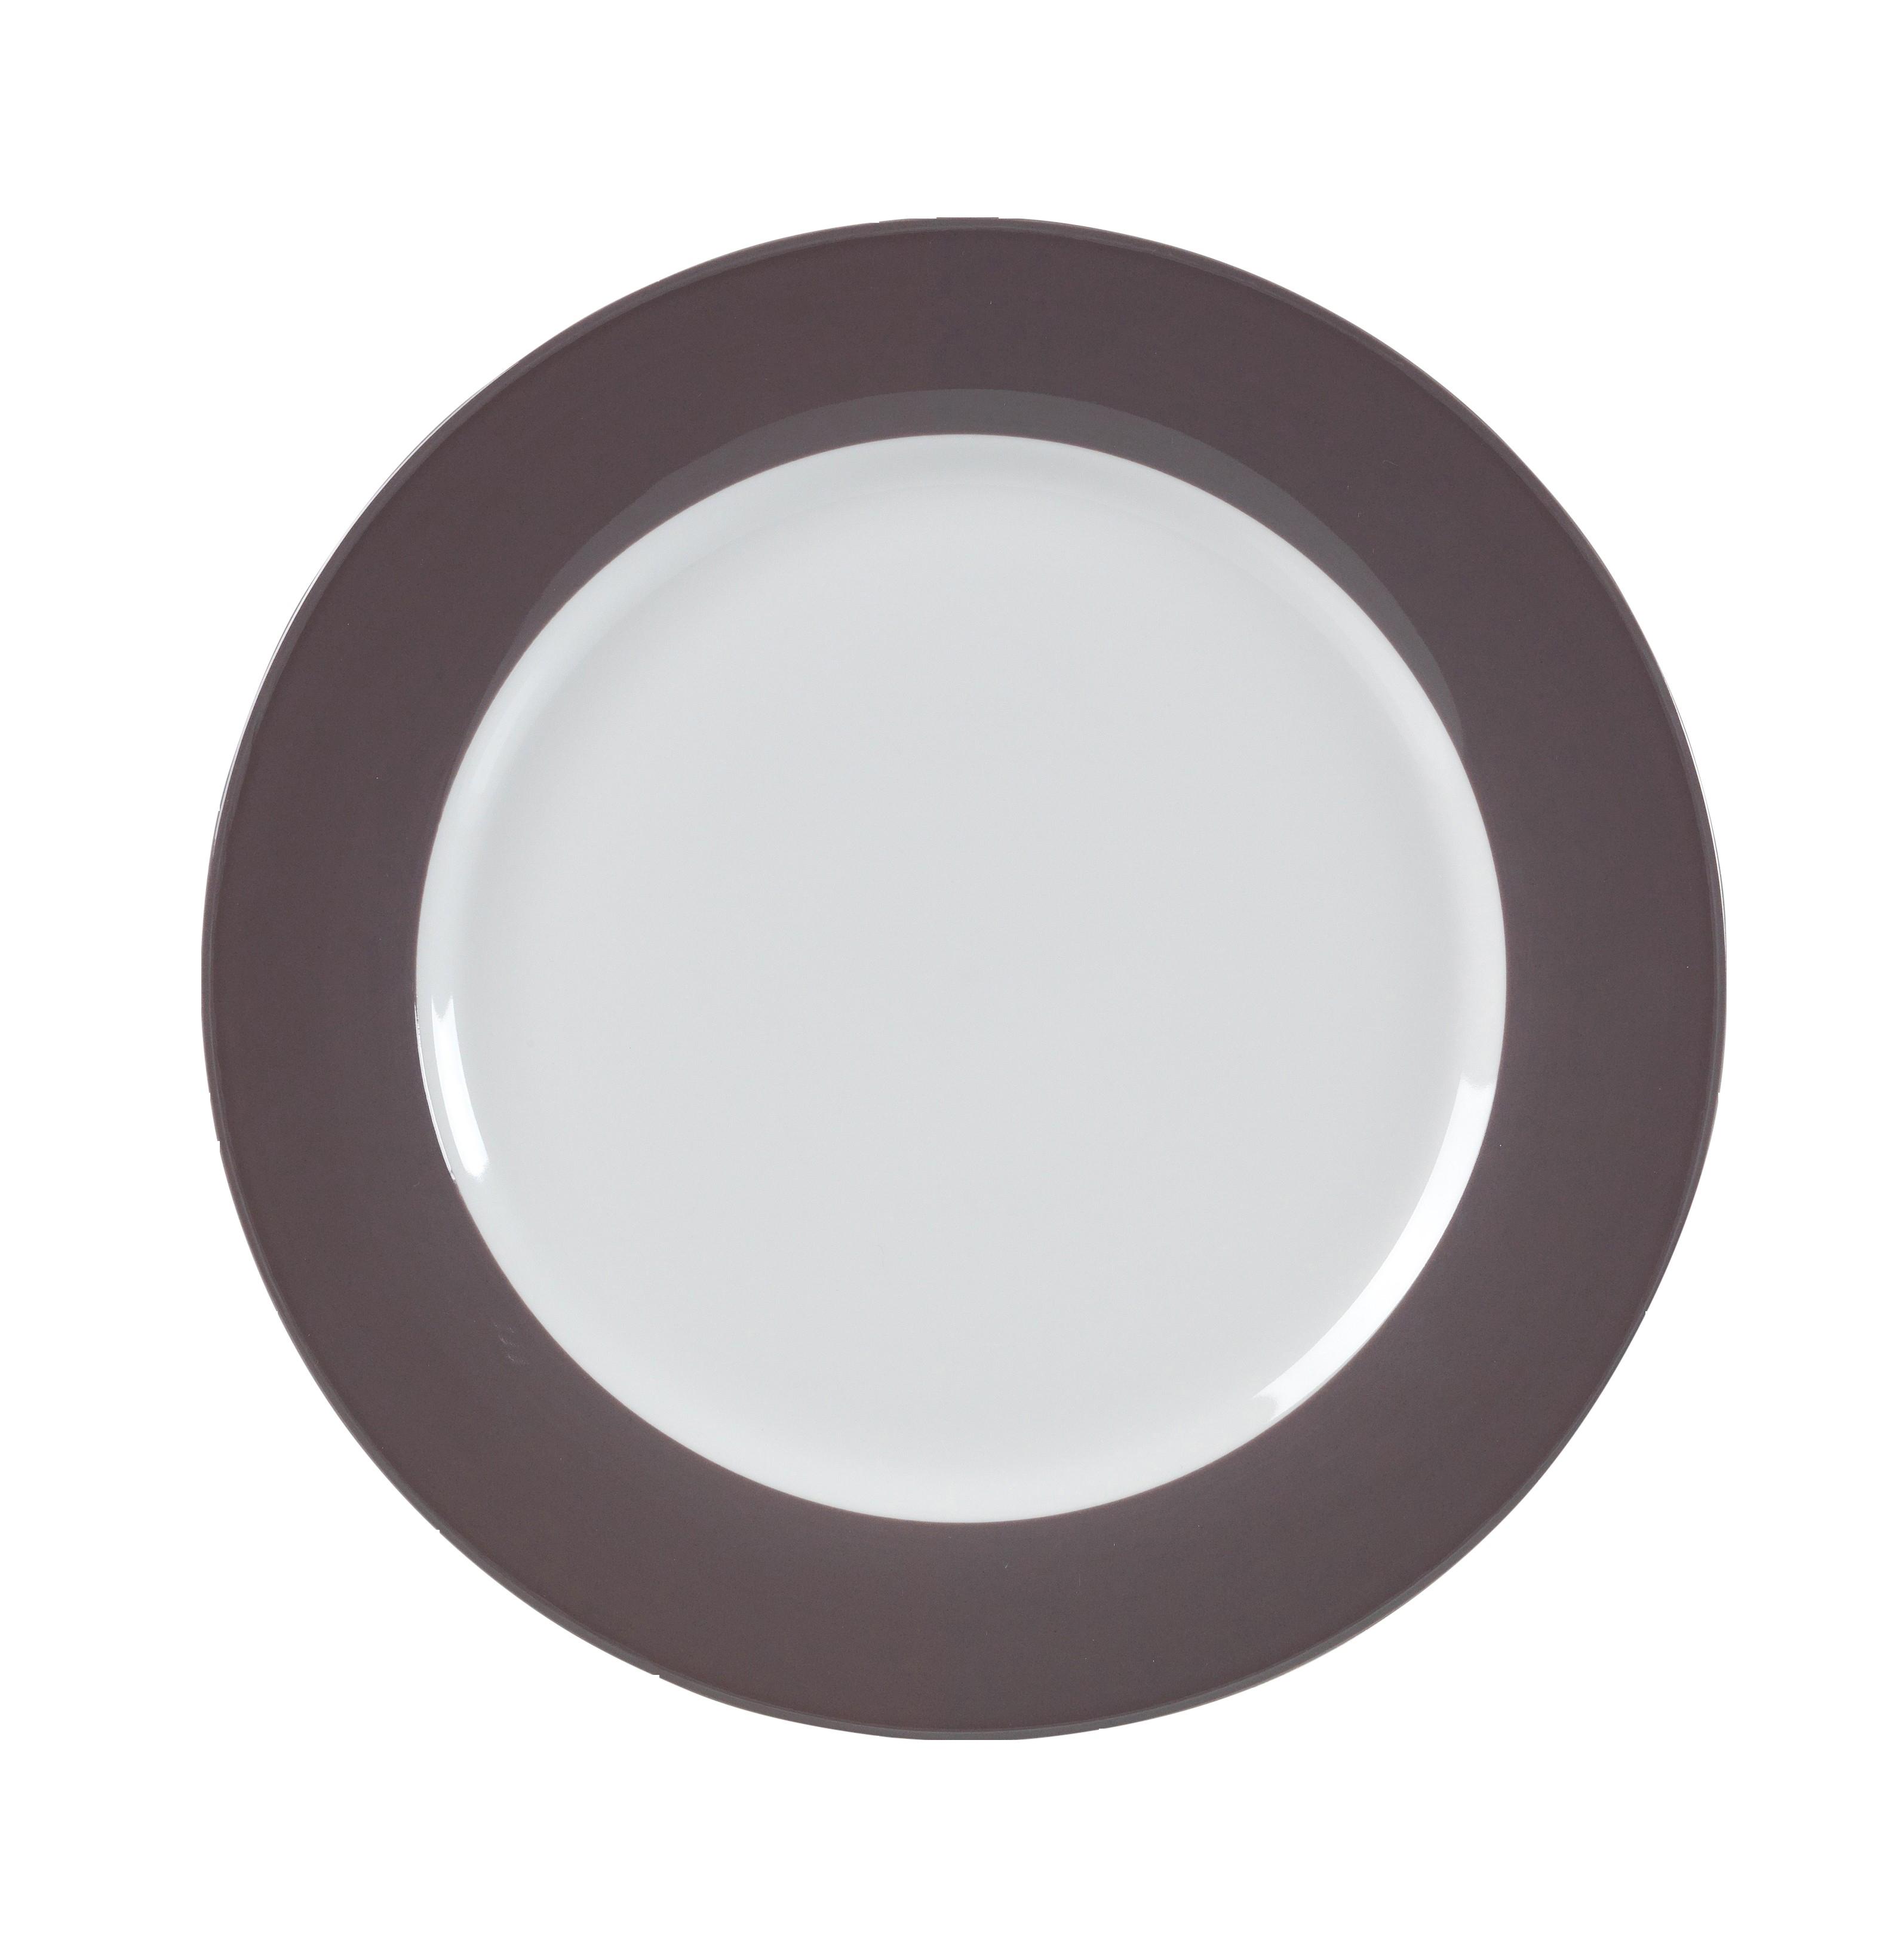 TELLER FLACH 27CM     TOFFEE DOPPIO Standard